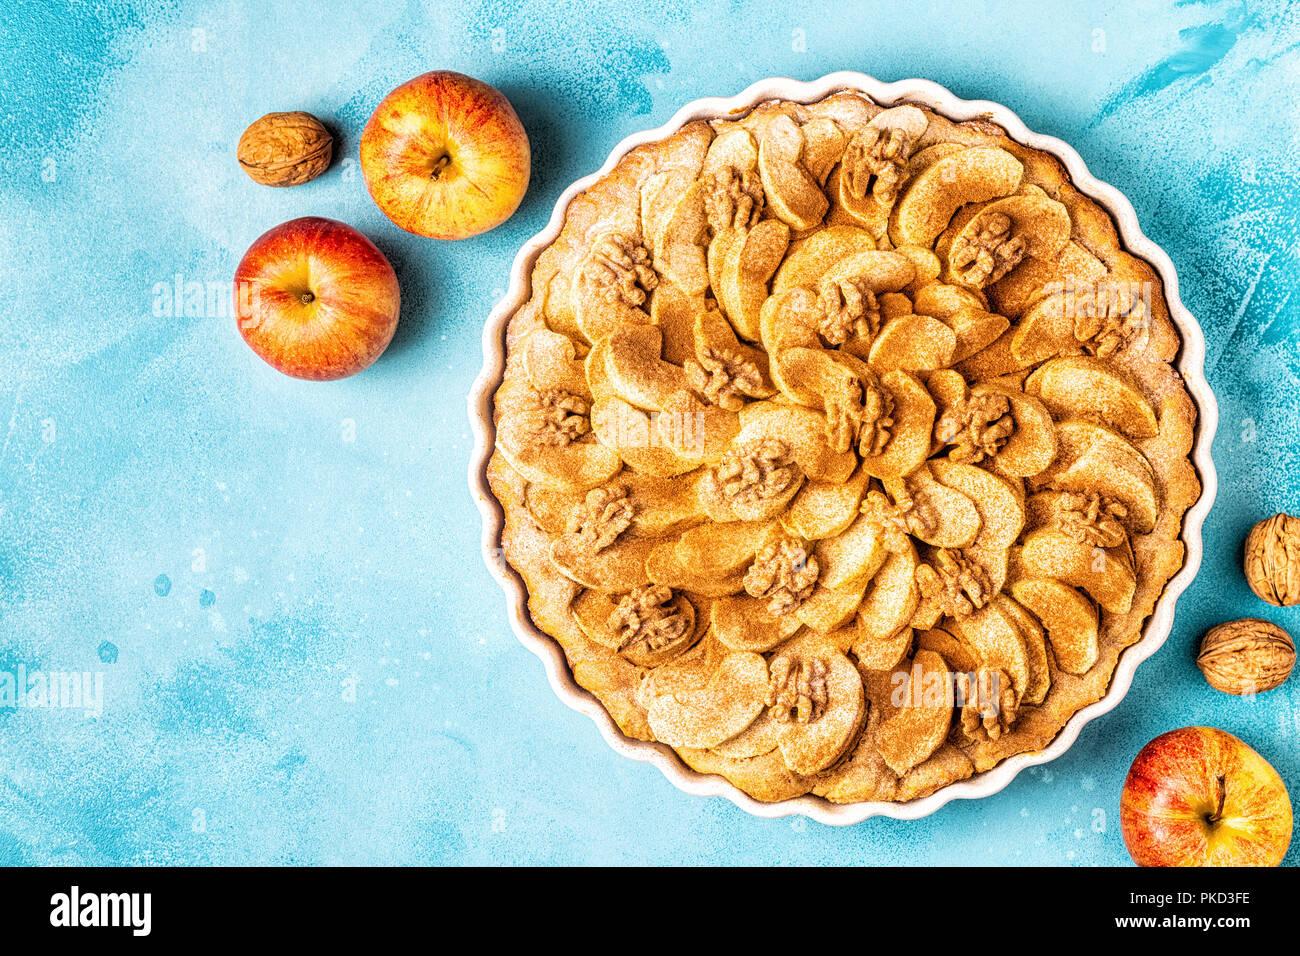 Tarte aux noix et à la cannelle, vue d'en haut. Photo Stock